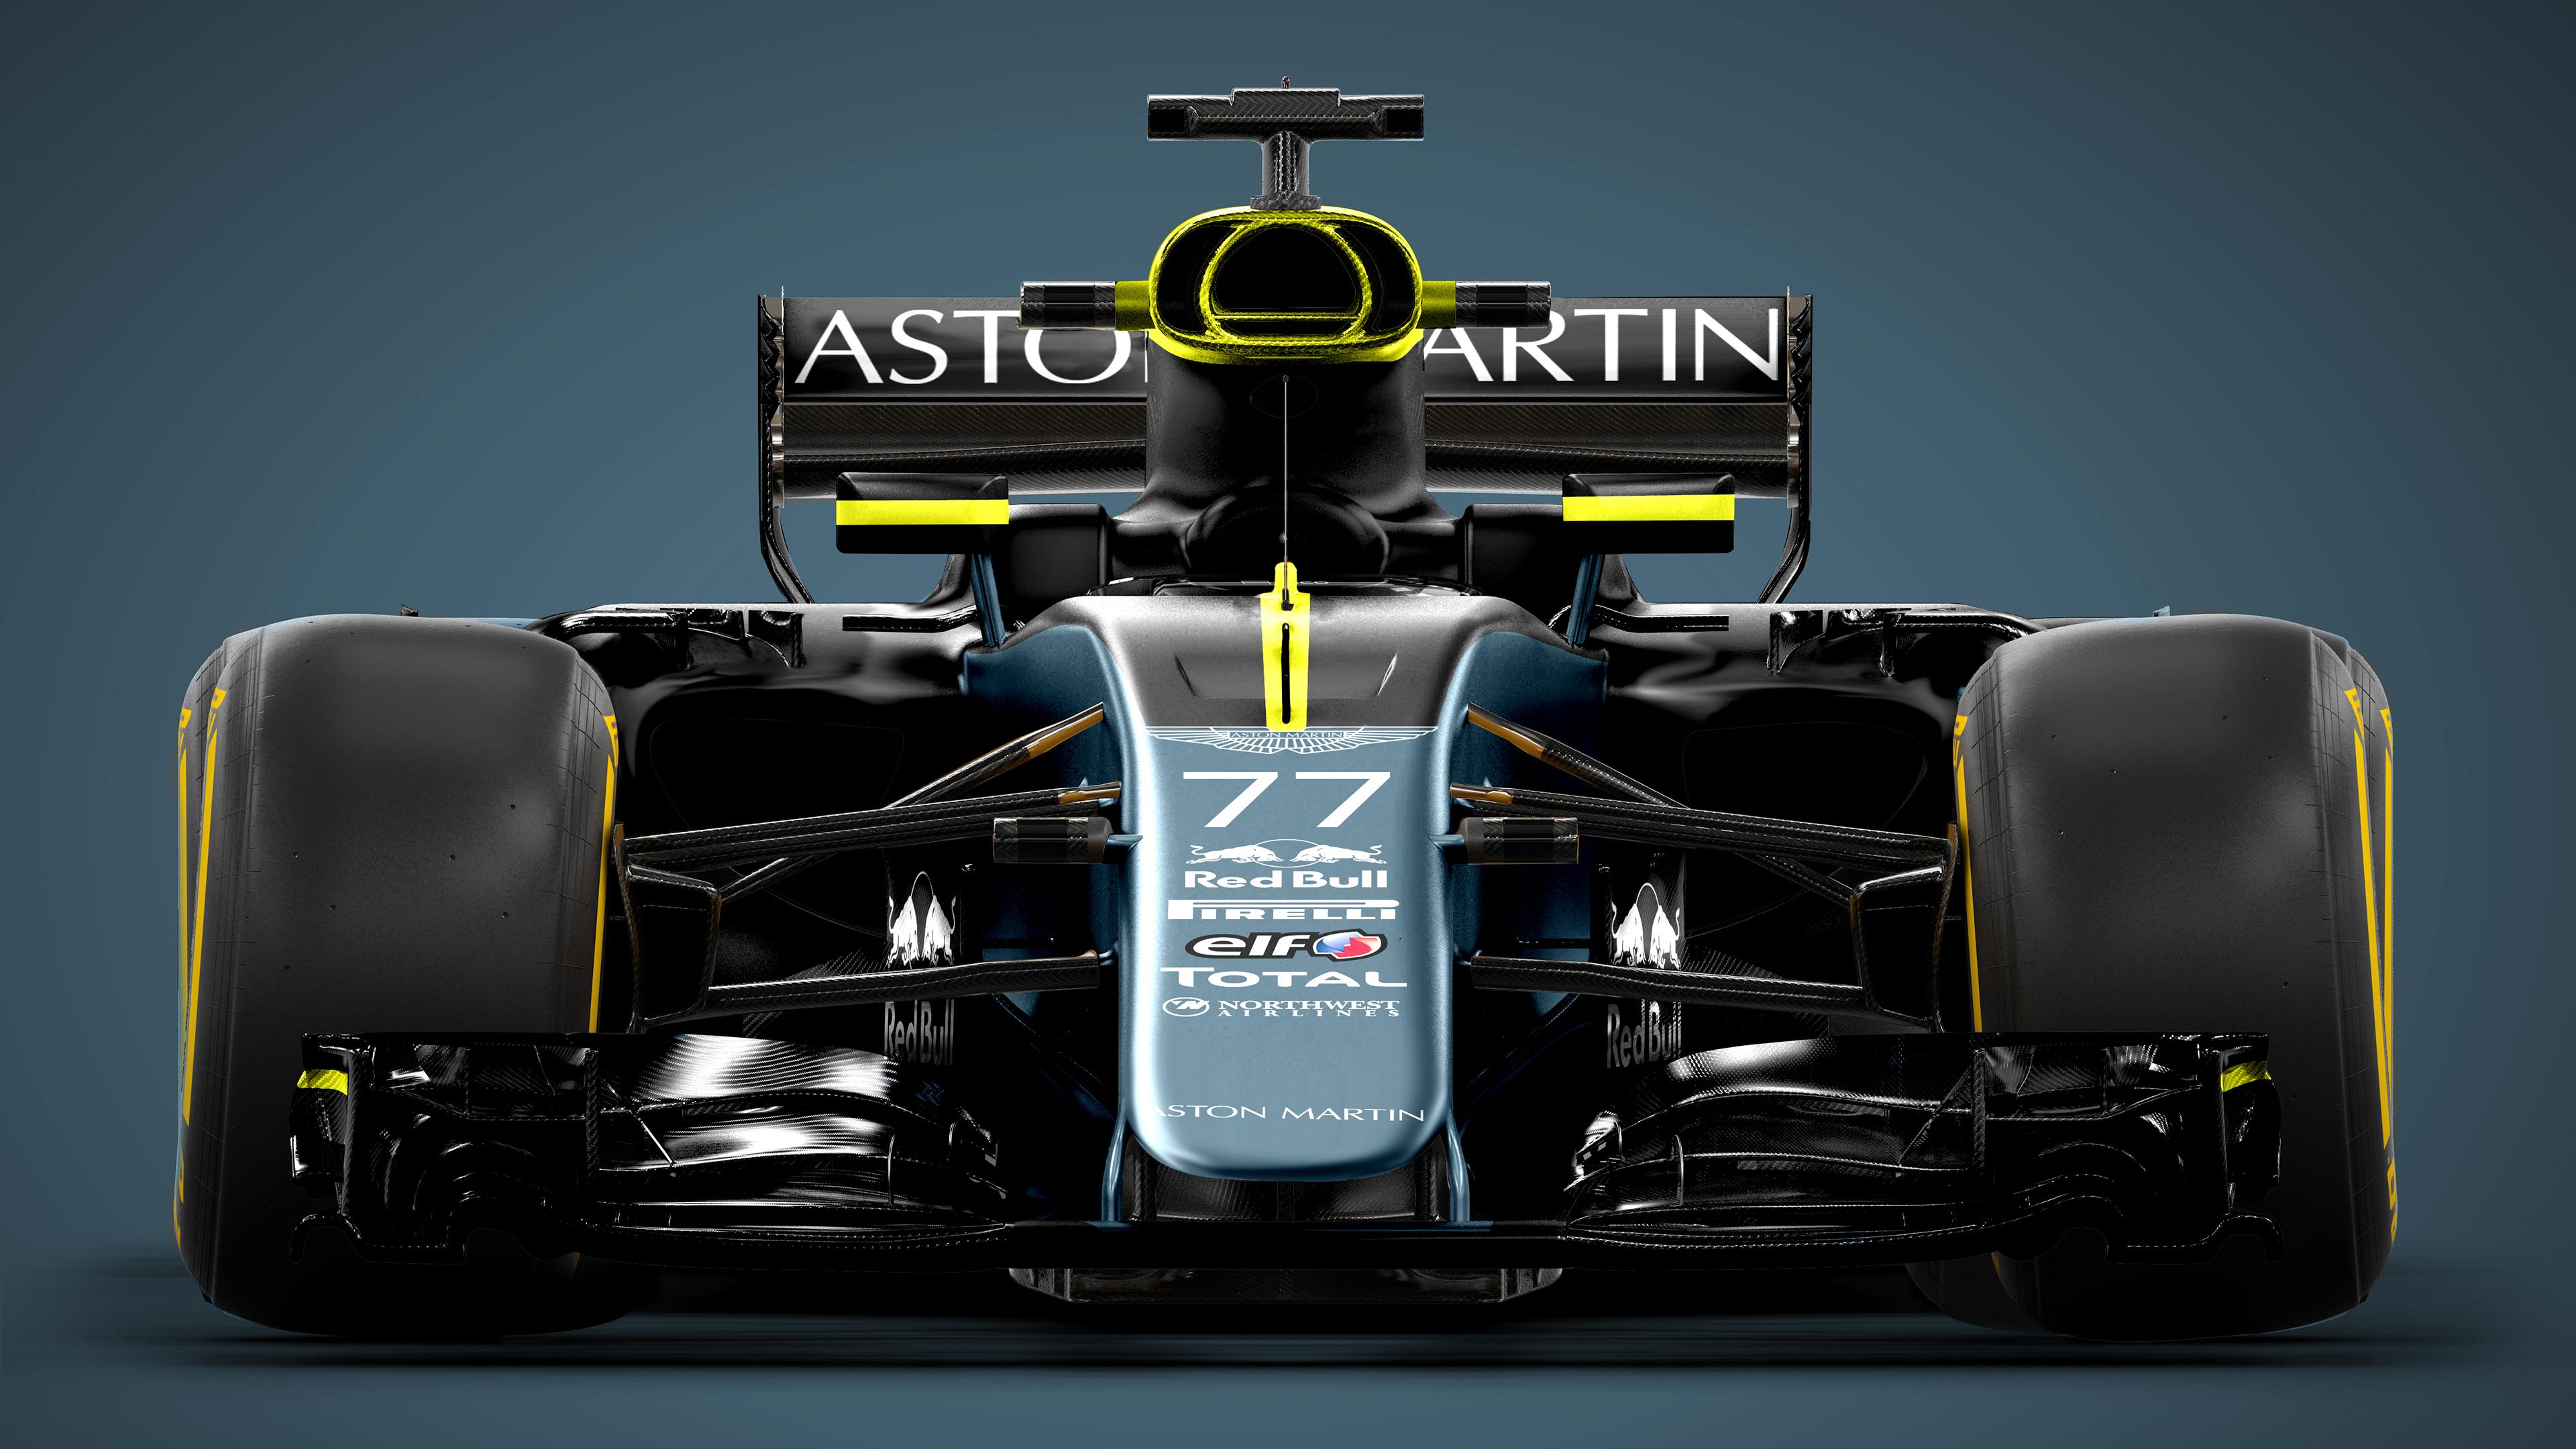 Aston Martin F1 4k Wallpaper Hd Car Wallpapers Id 8113